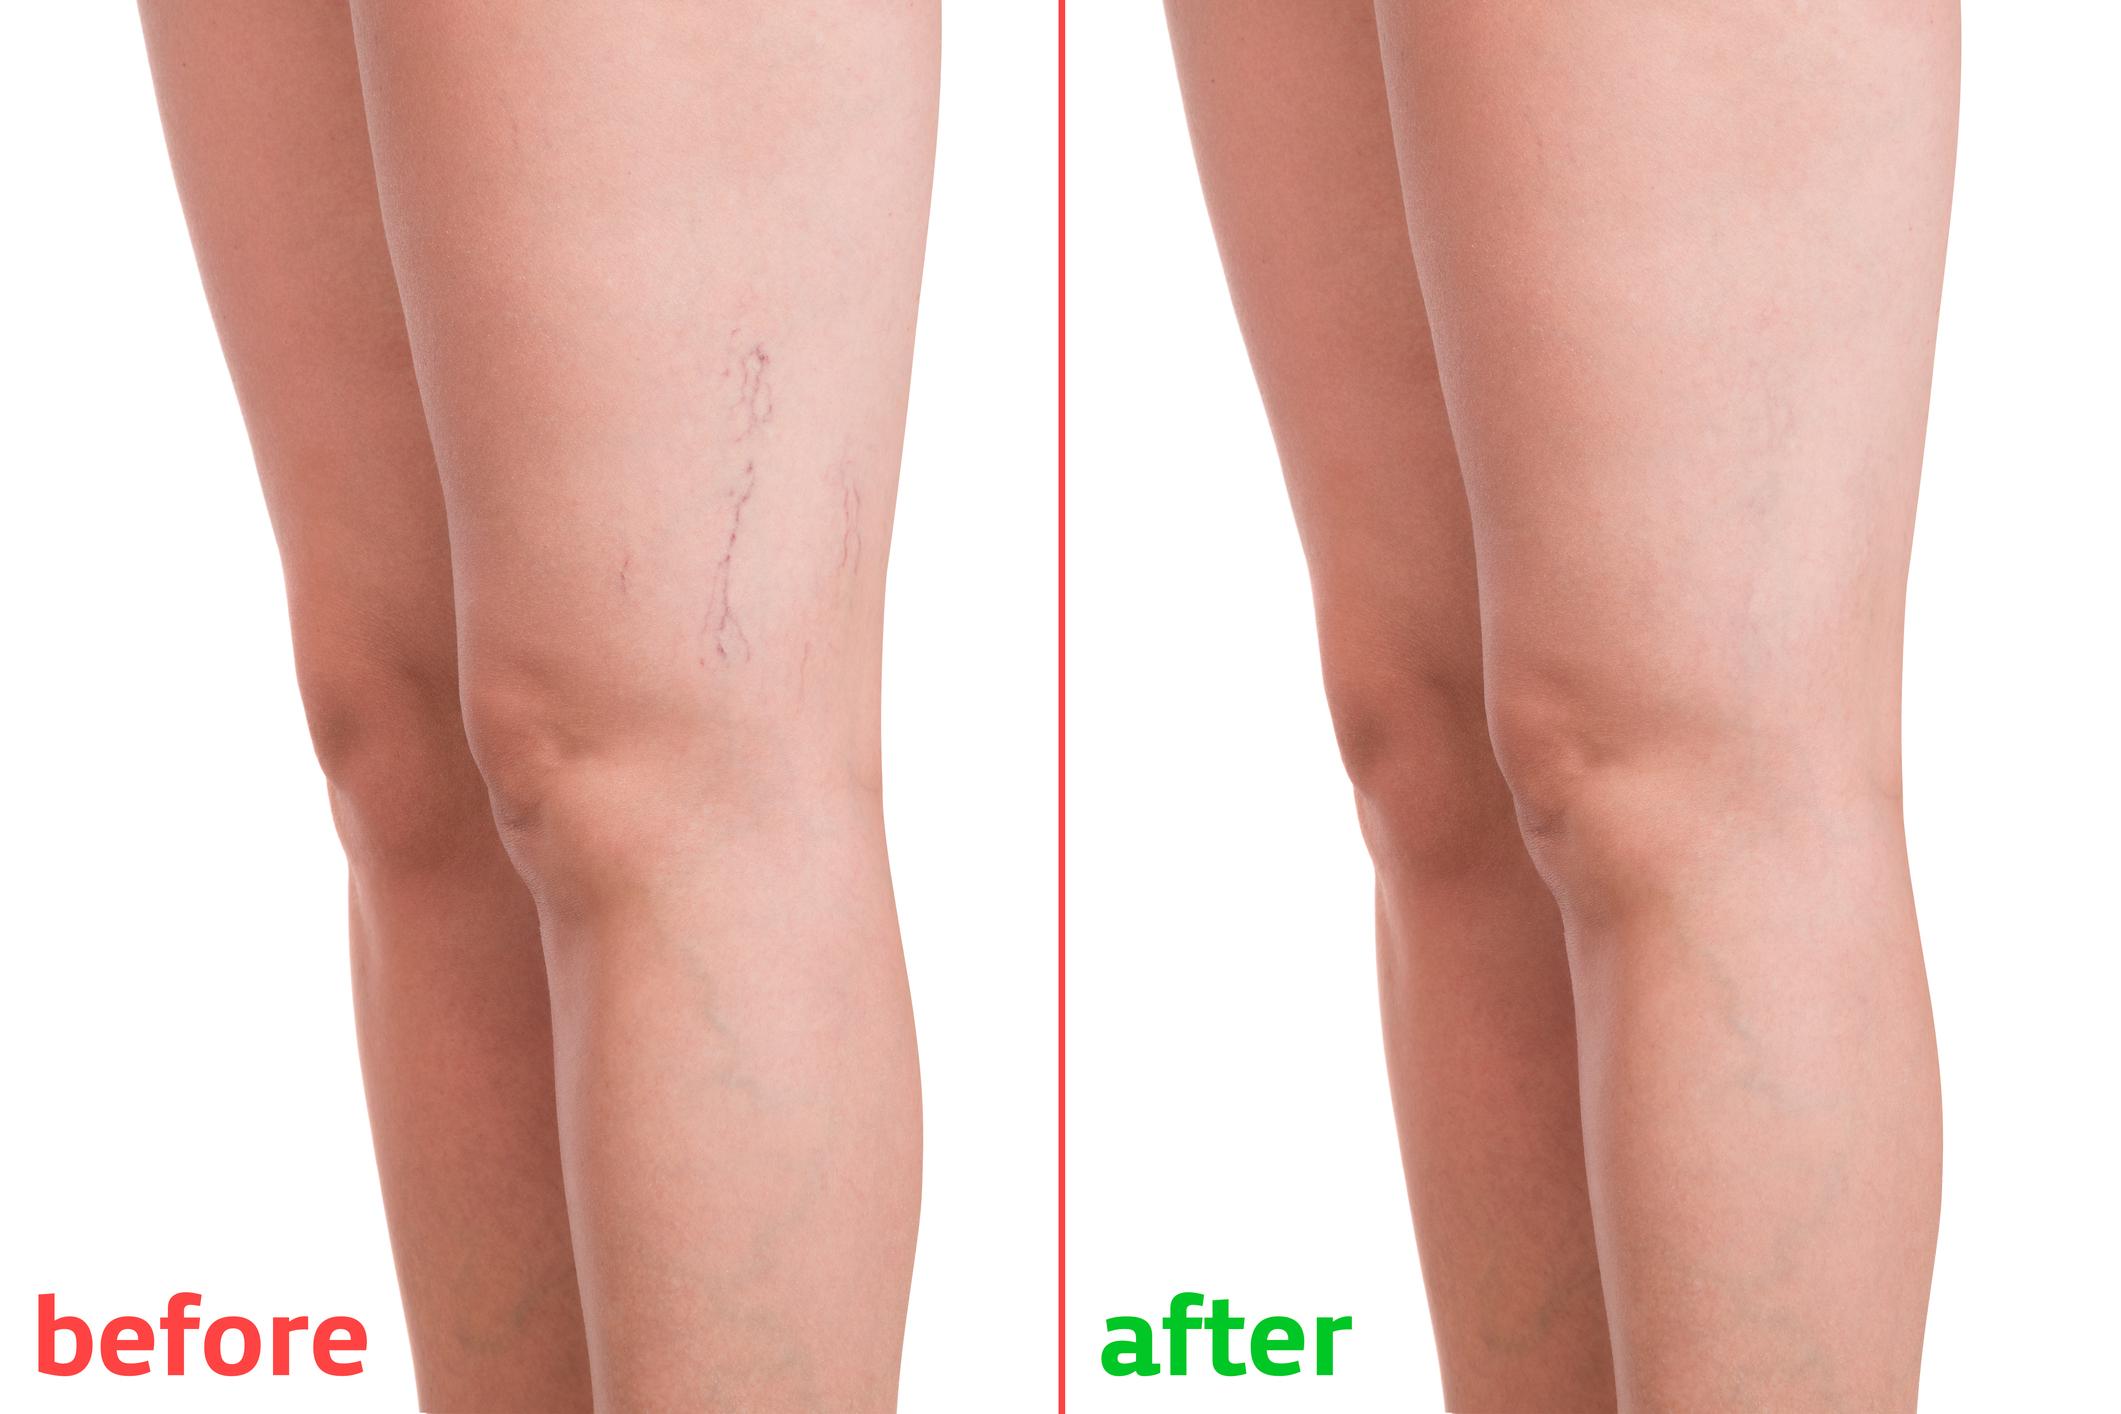 venotonikumok a lábak varikózisában